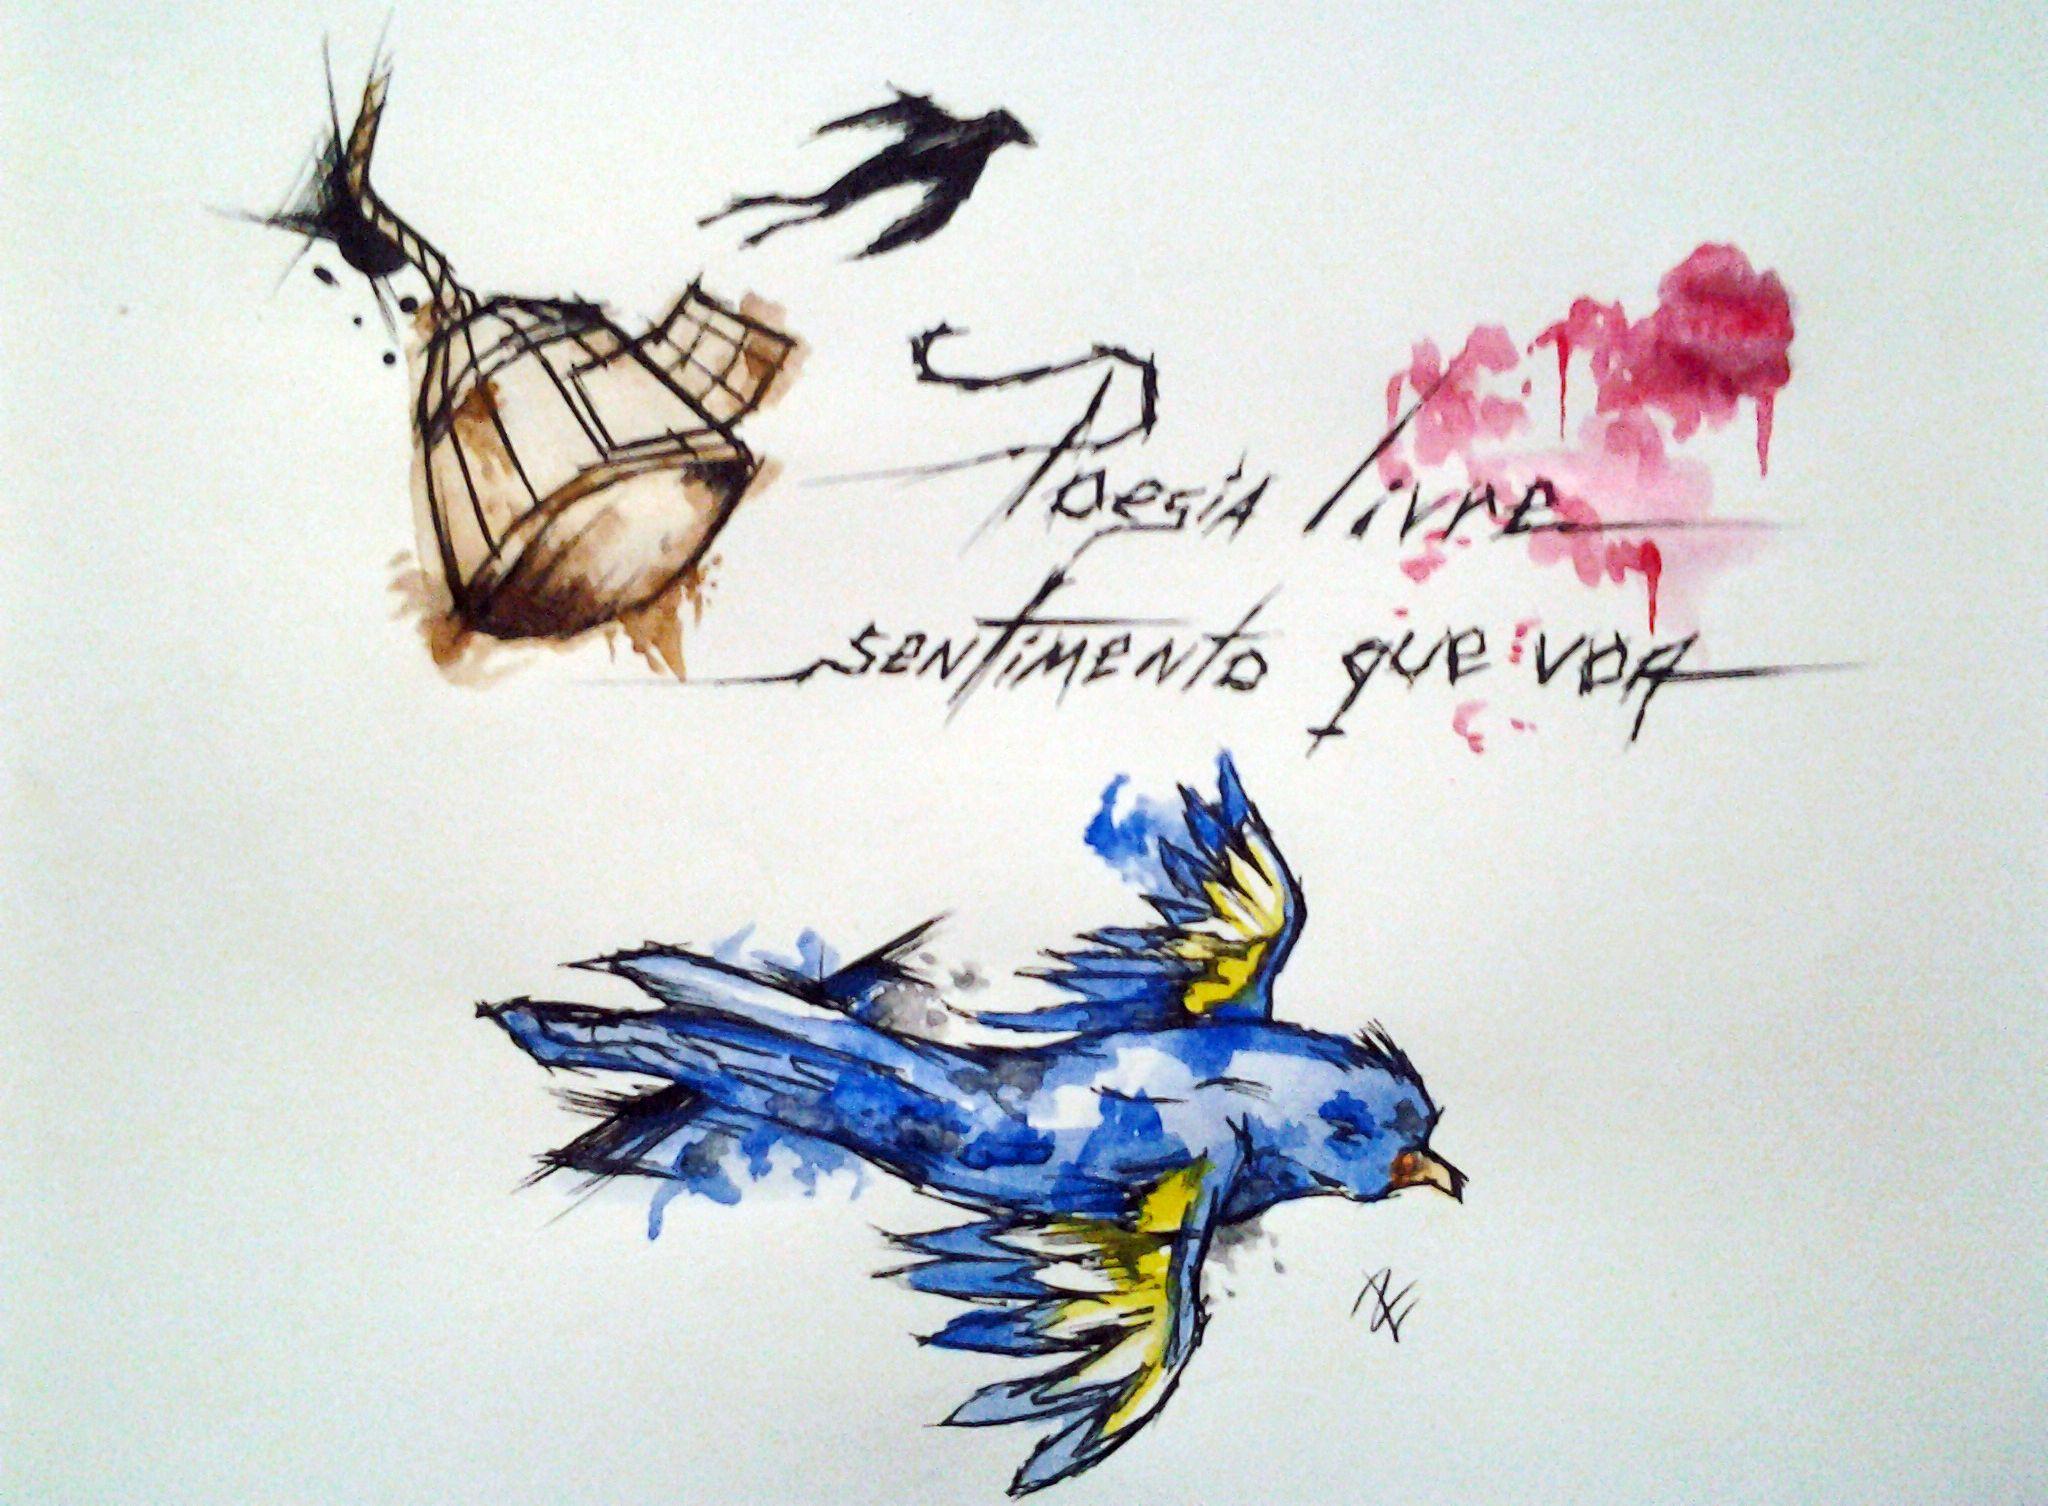 Poesia livre sentimento que voa